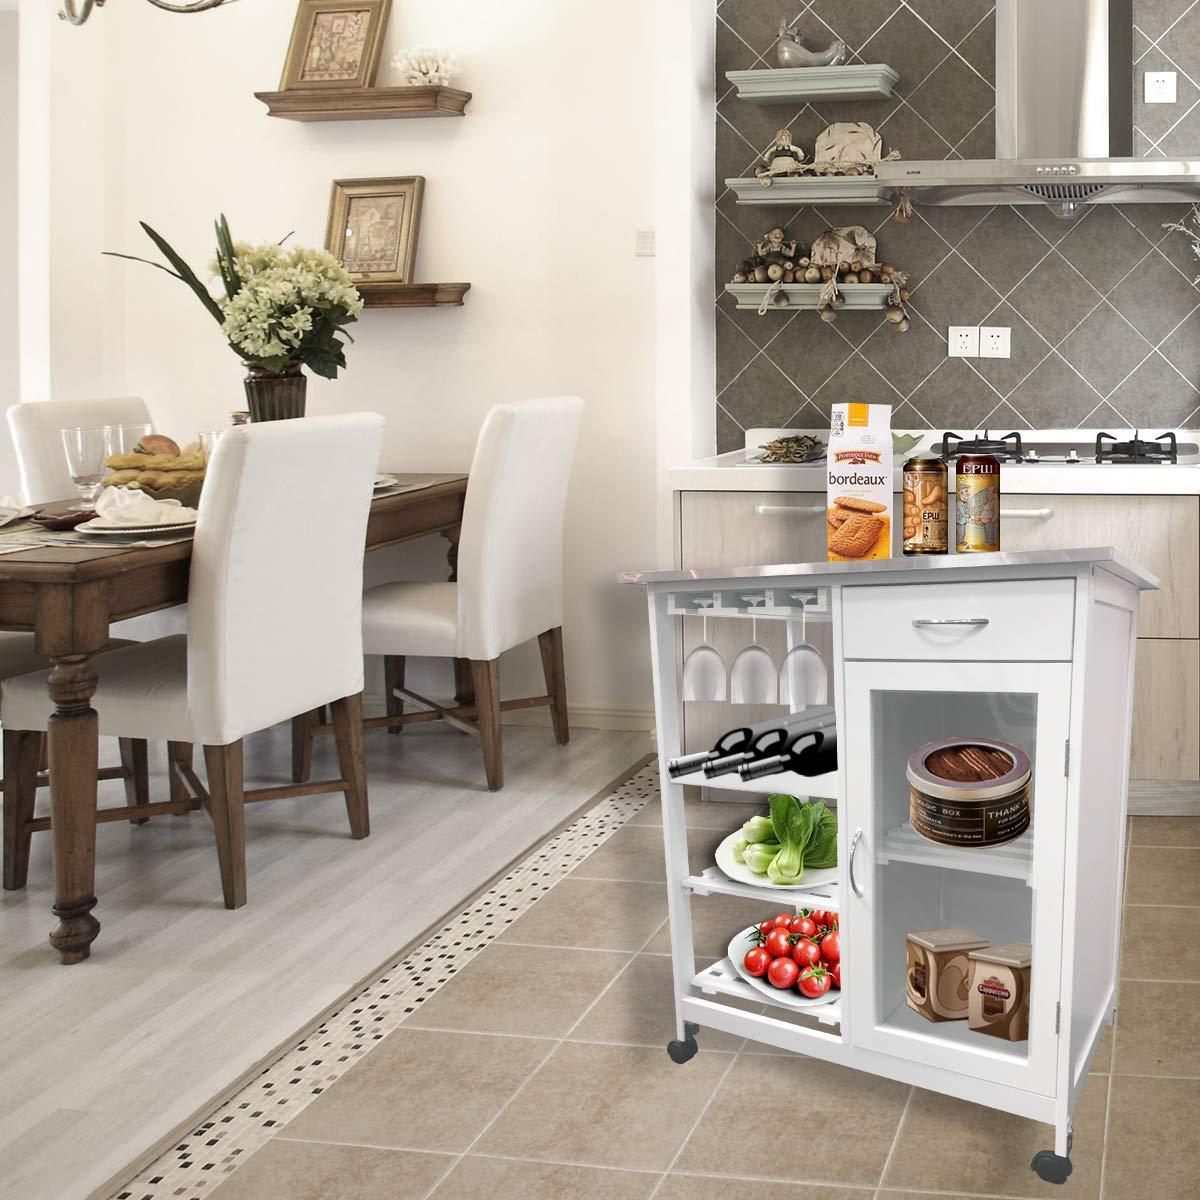 B76 * T48 * H88 cm EASEASE Carrello di stoccaggio della cucina Carrello di stoccaggio della cucina rimovibile da 4 strati Carrello da cucina con riserva di vino e ruote chiudibili a chiave